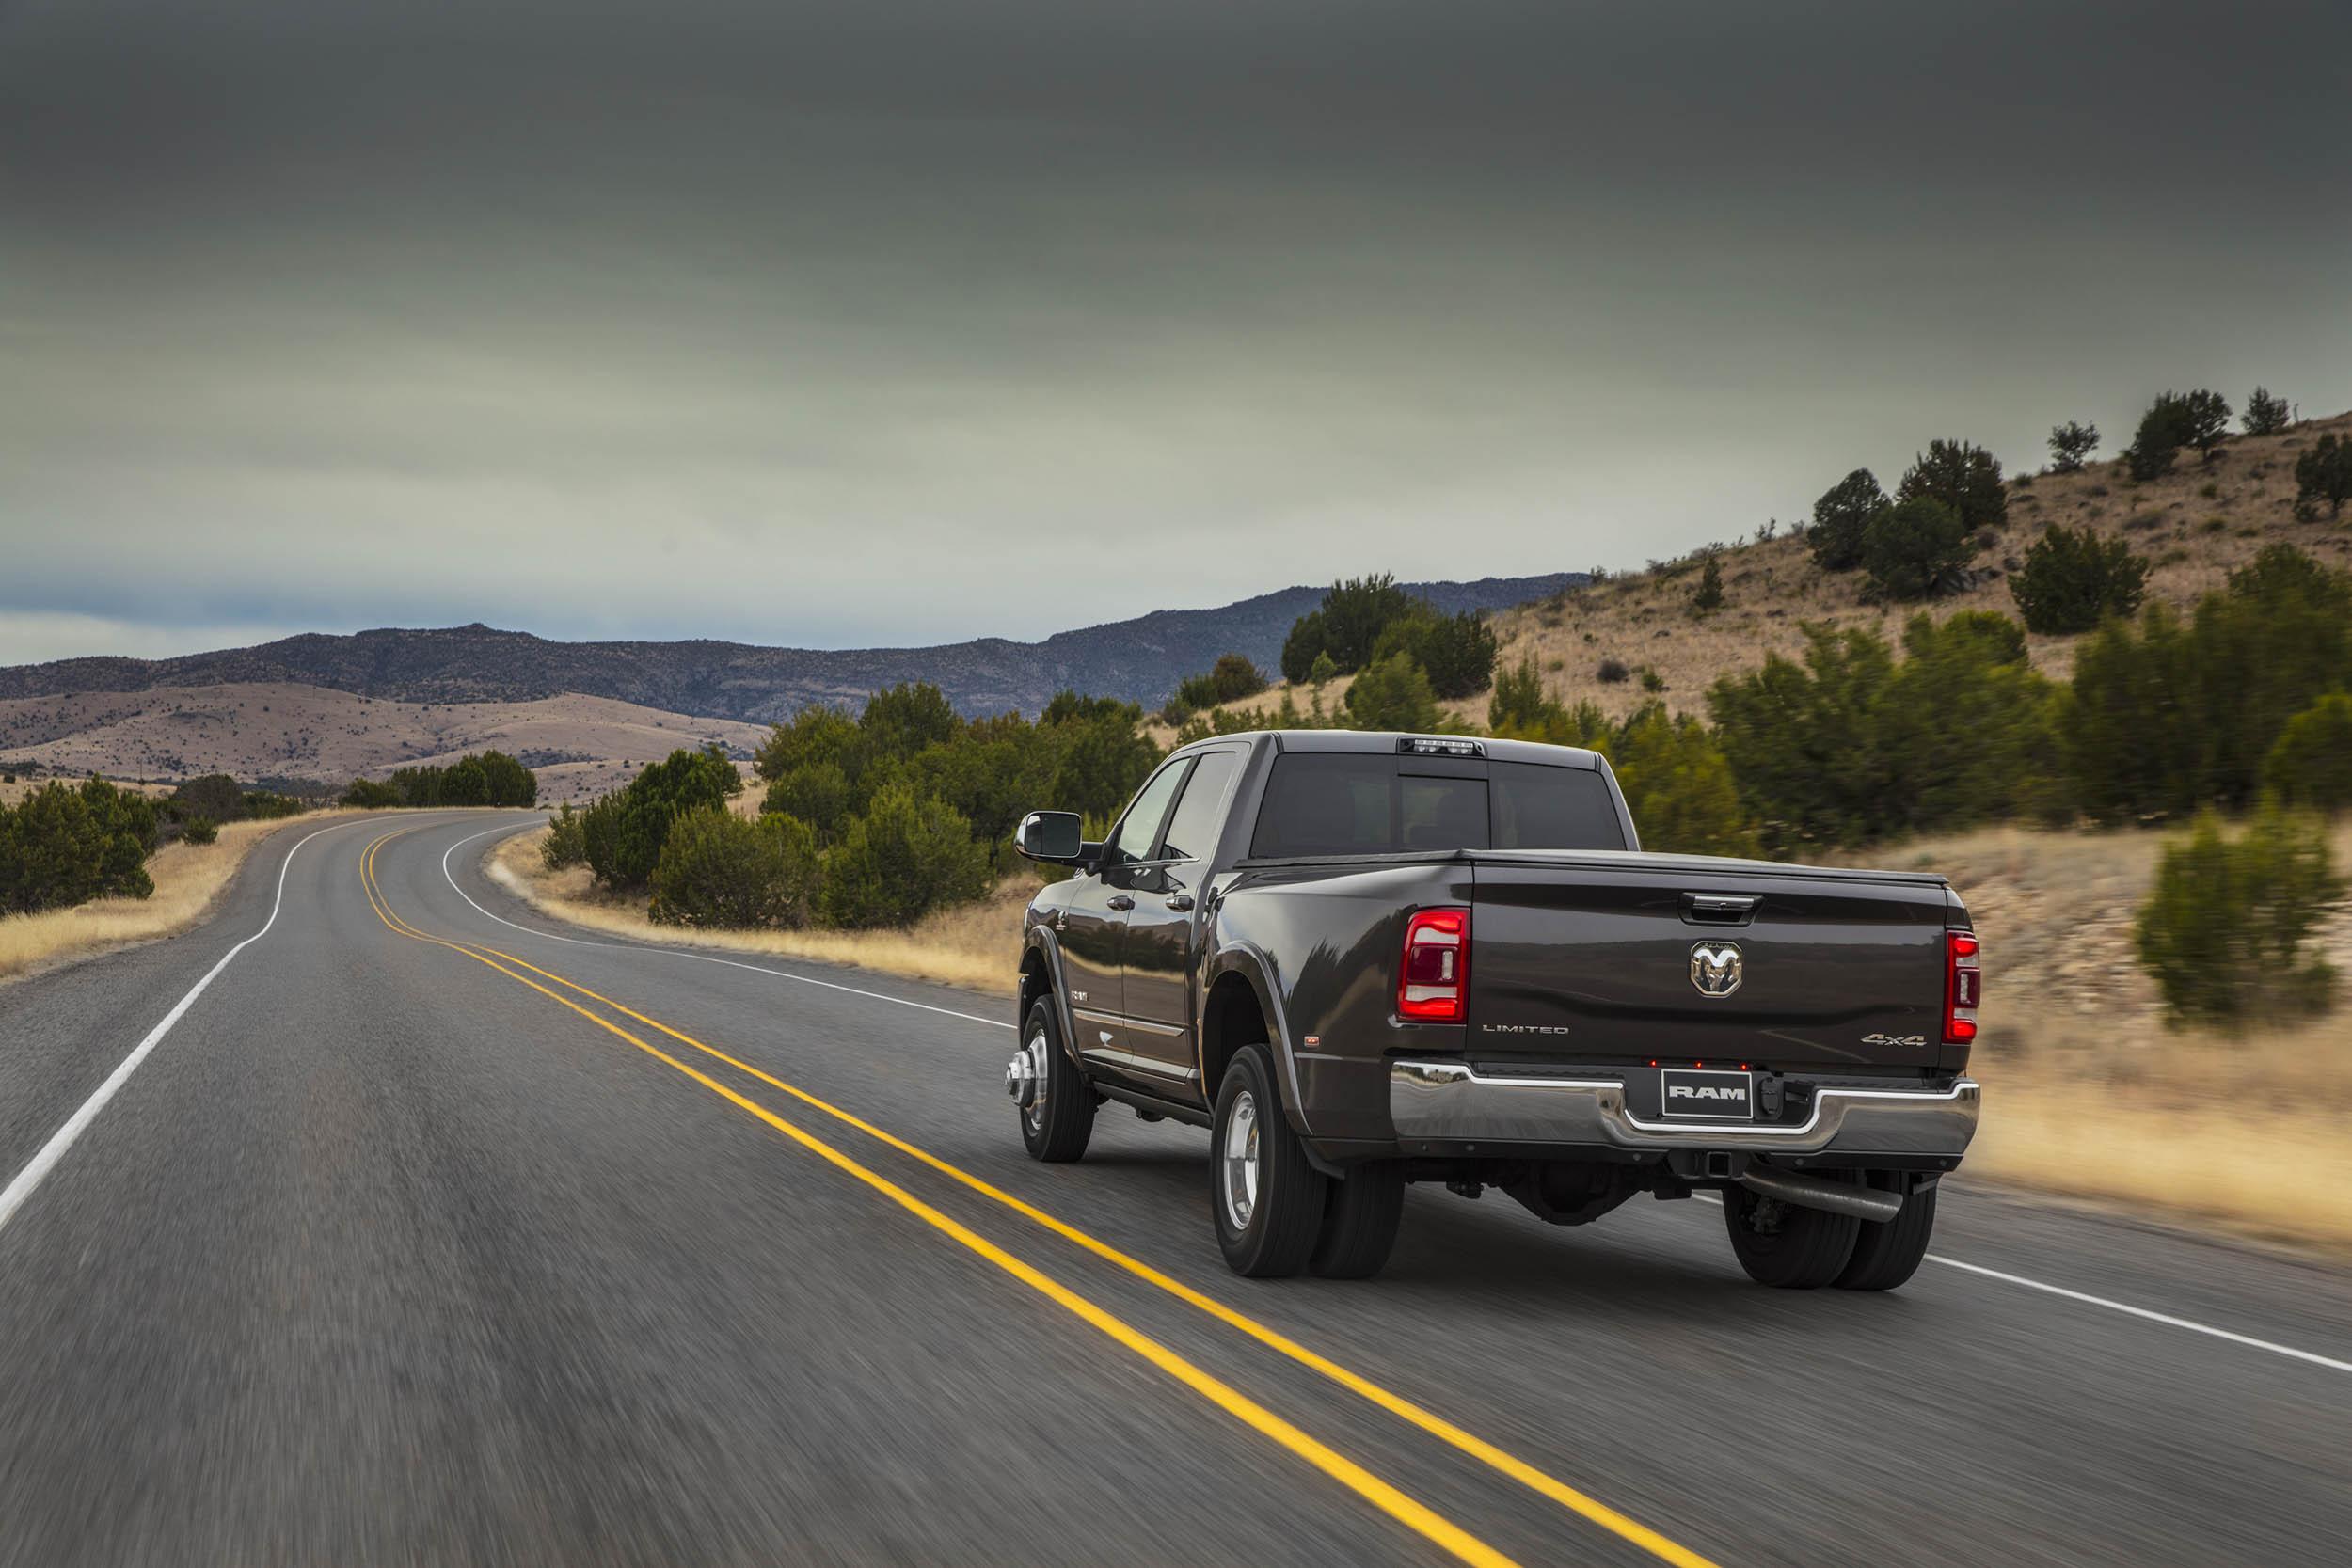 2019 RAM 3500 Dually rear 3/4